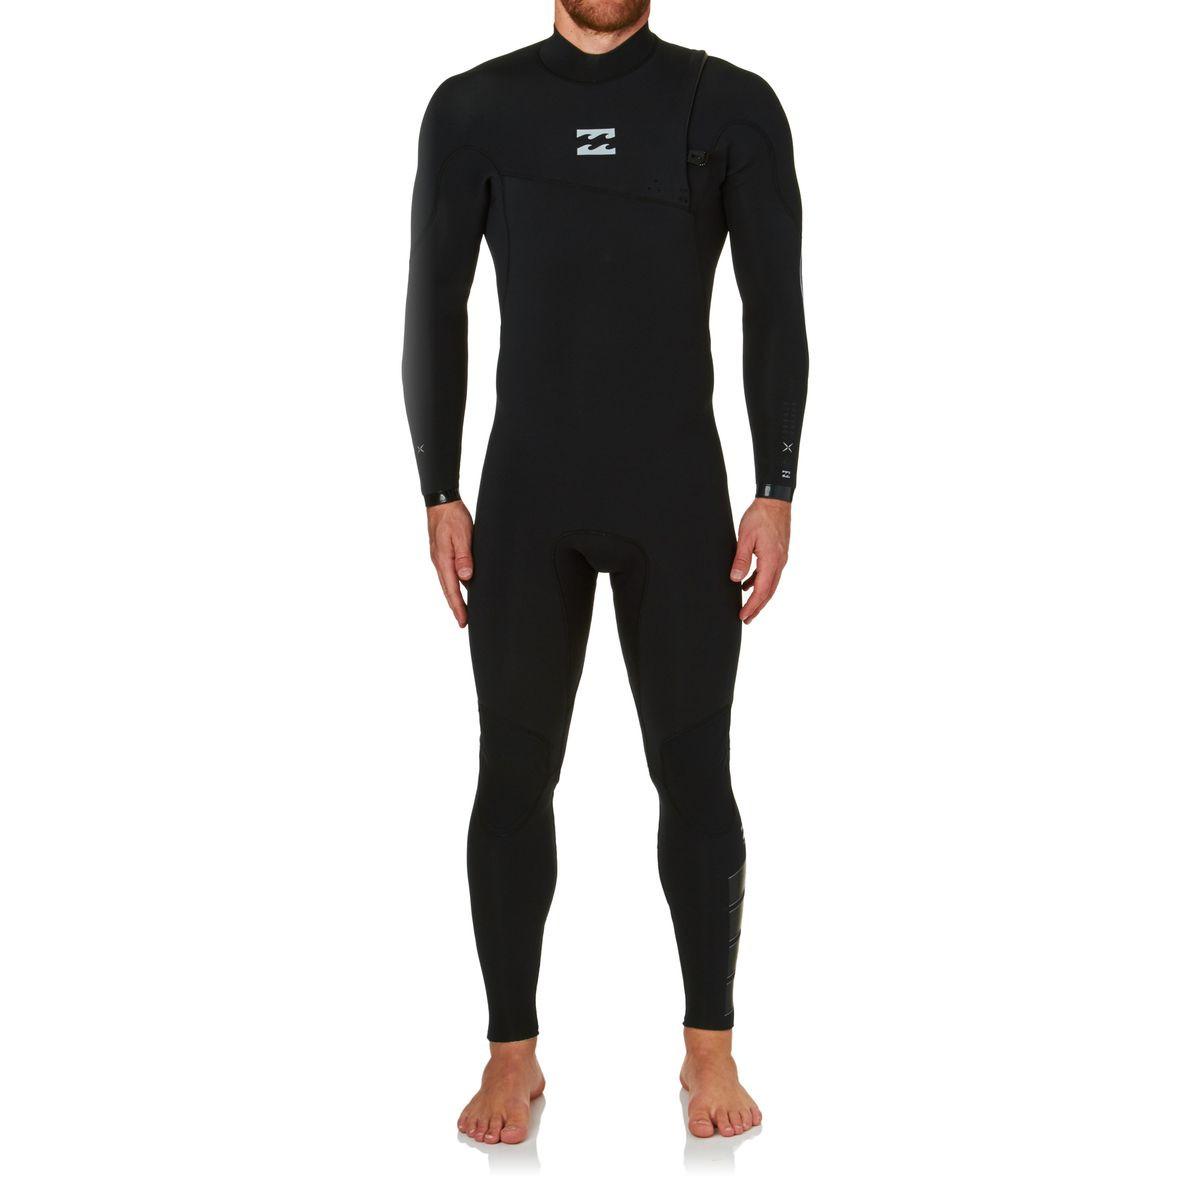 Billabong Furnace Pro 3/2mm 2017 Zipperless Wetsuit - Black